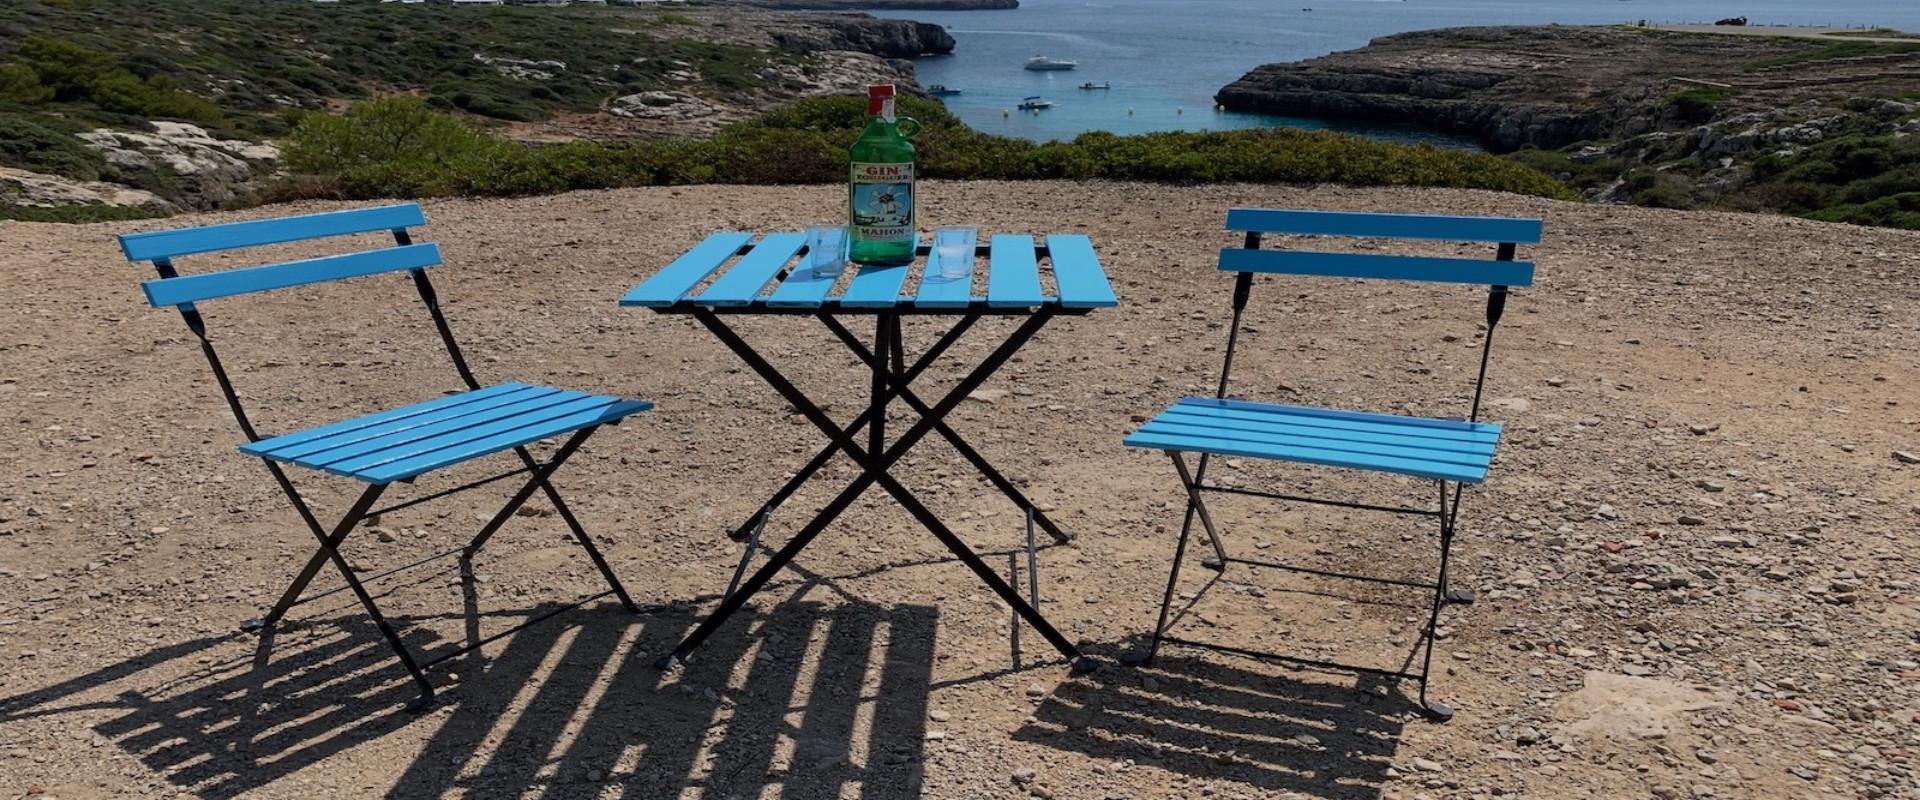 Menorca het kleine zusje van Mallorca